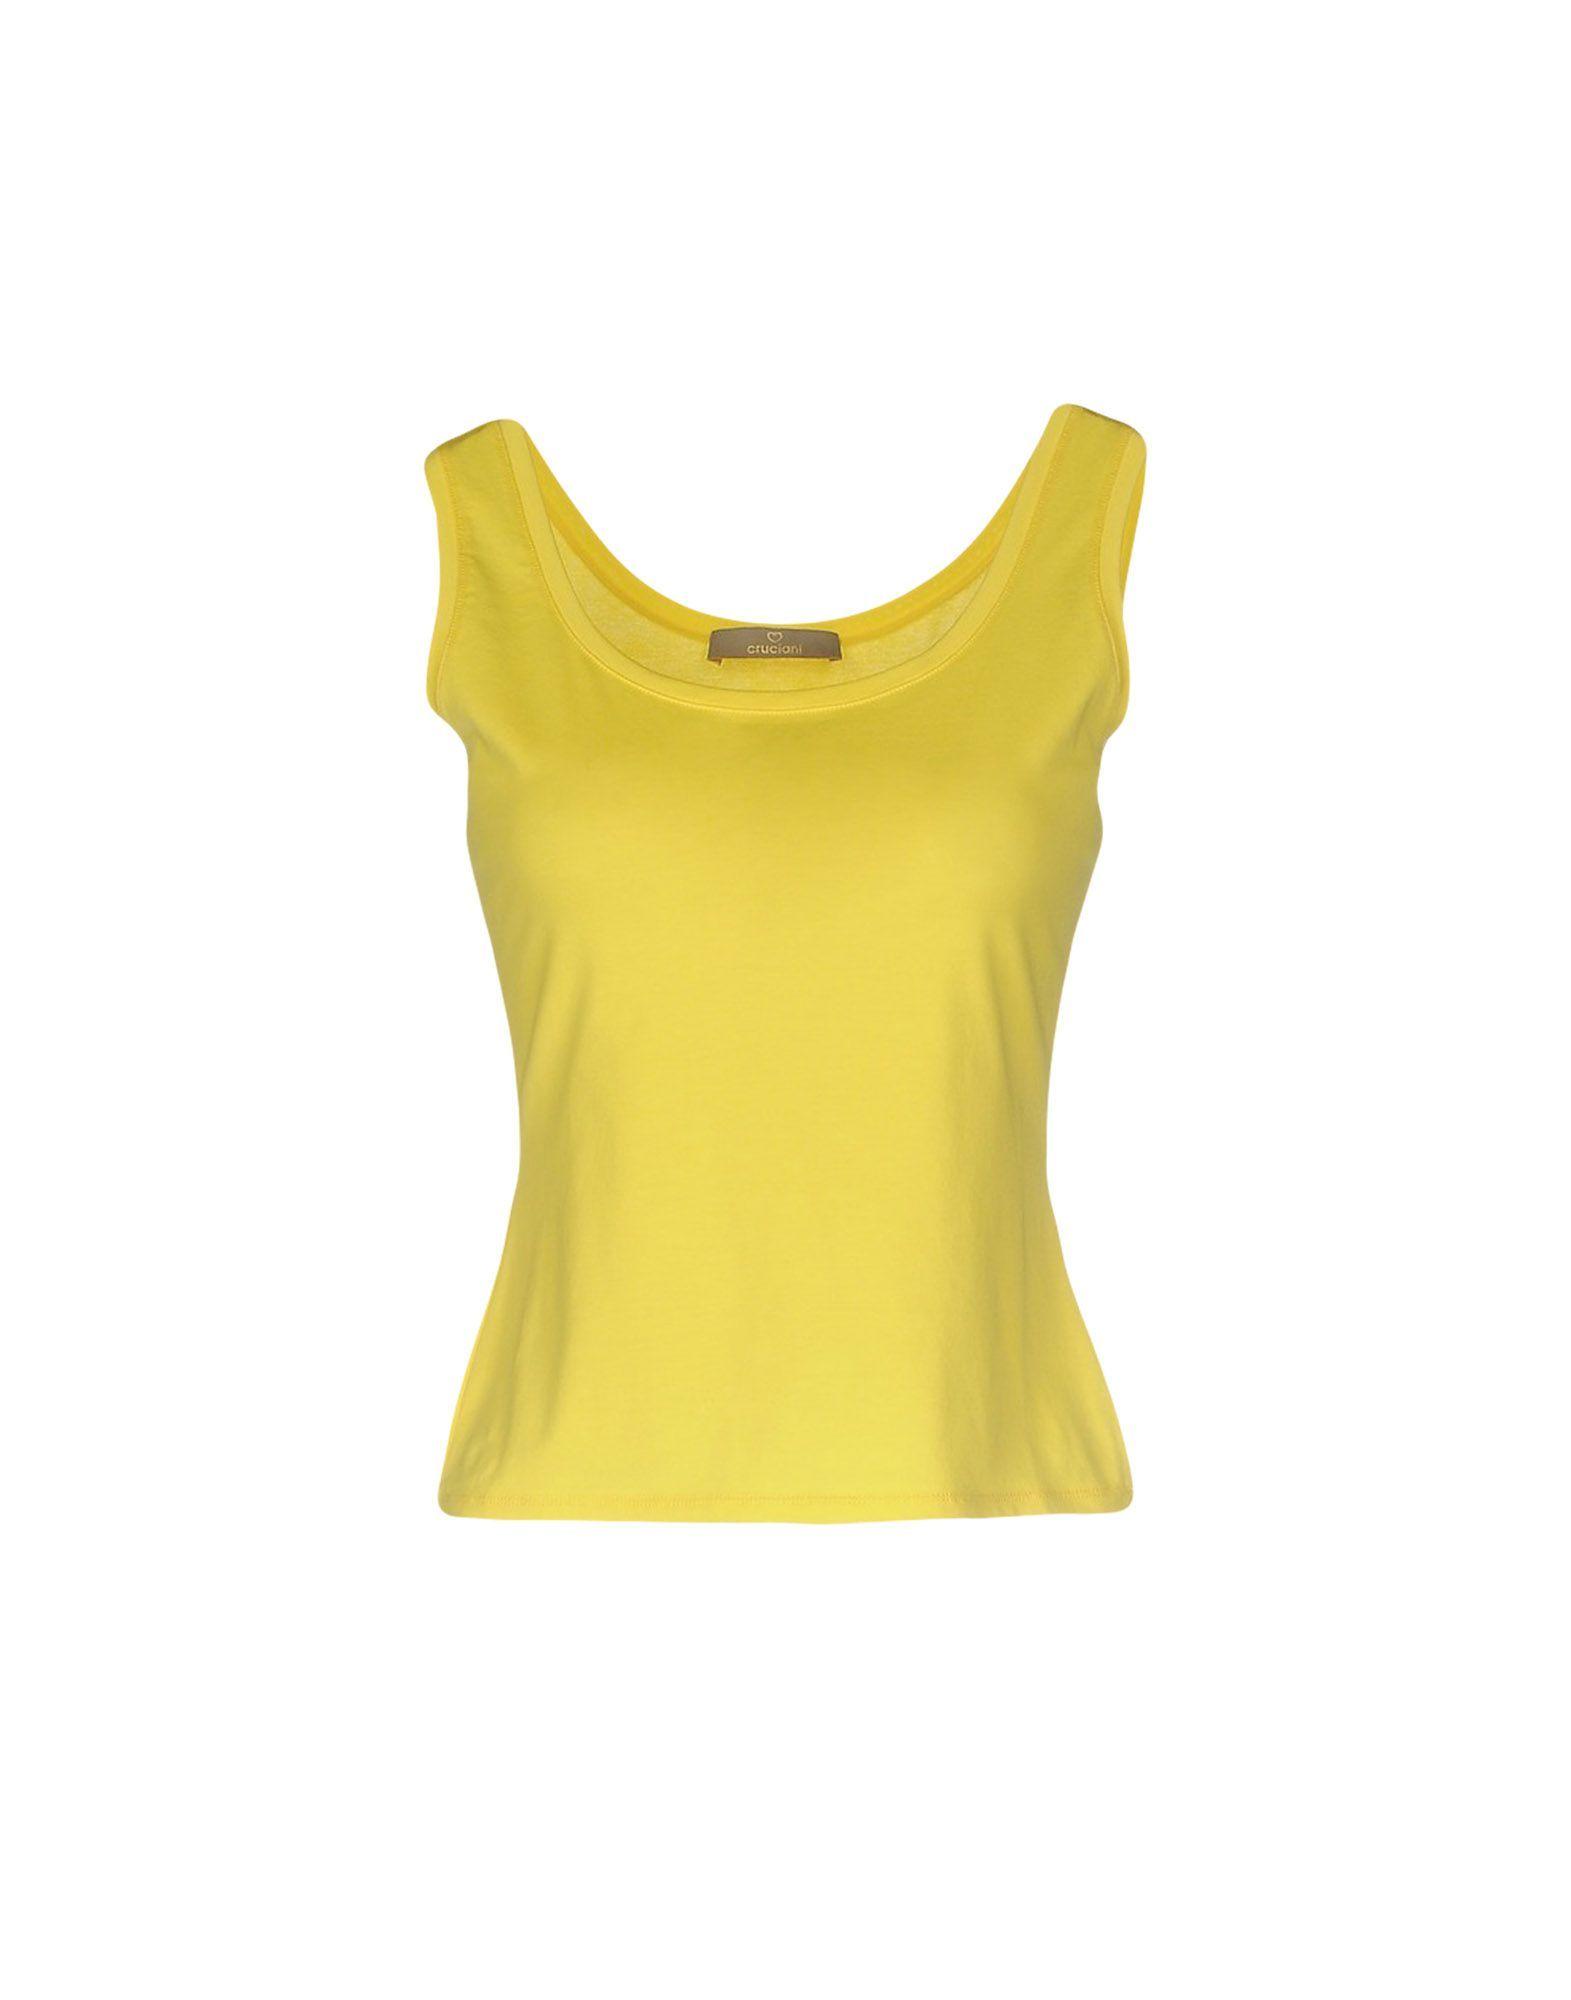 TOPWEAR Cruciani Yellow Woman Cotton